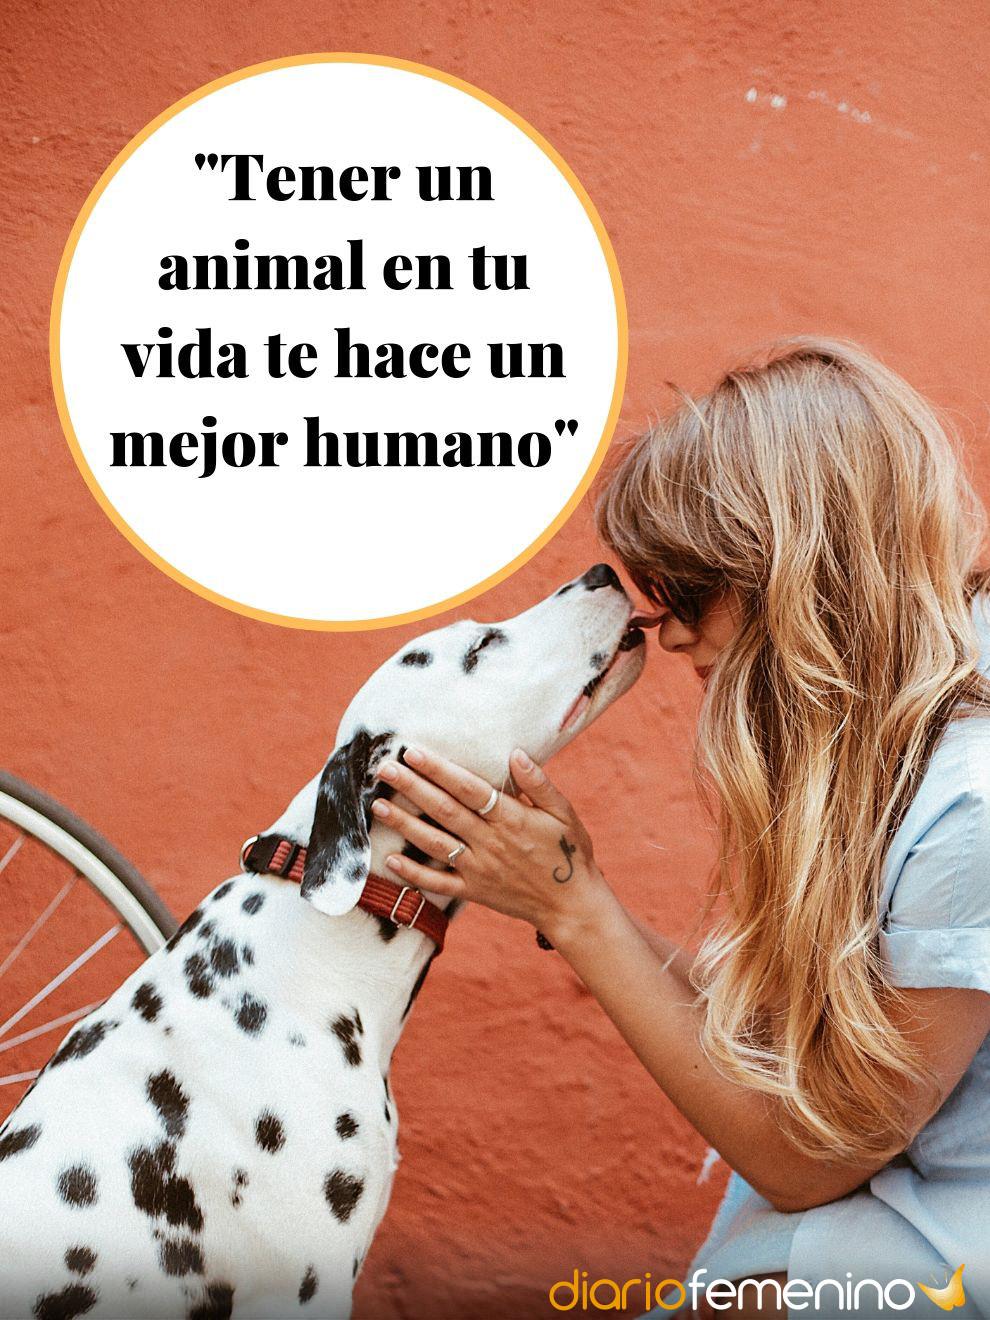 Frases De Amor Sobre Animales Mejora Tu Forma De Vida